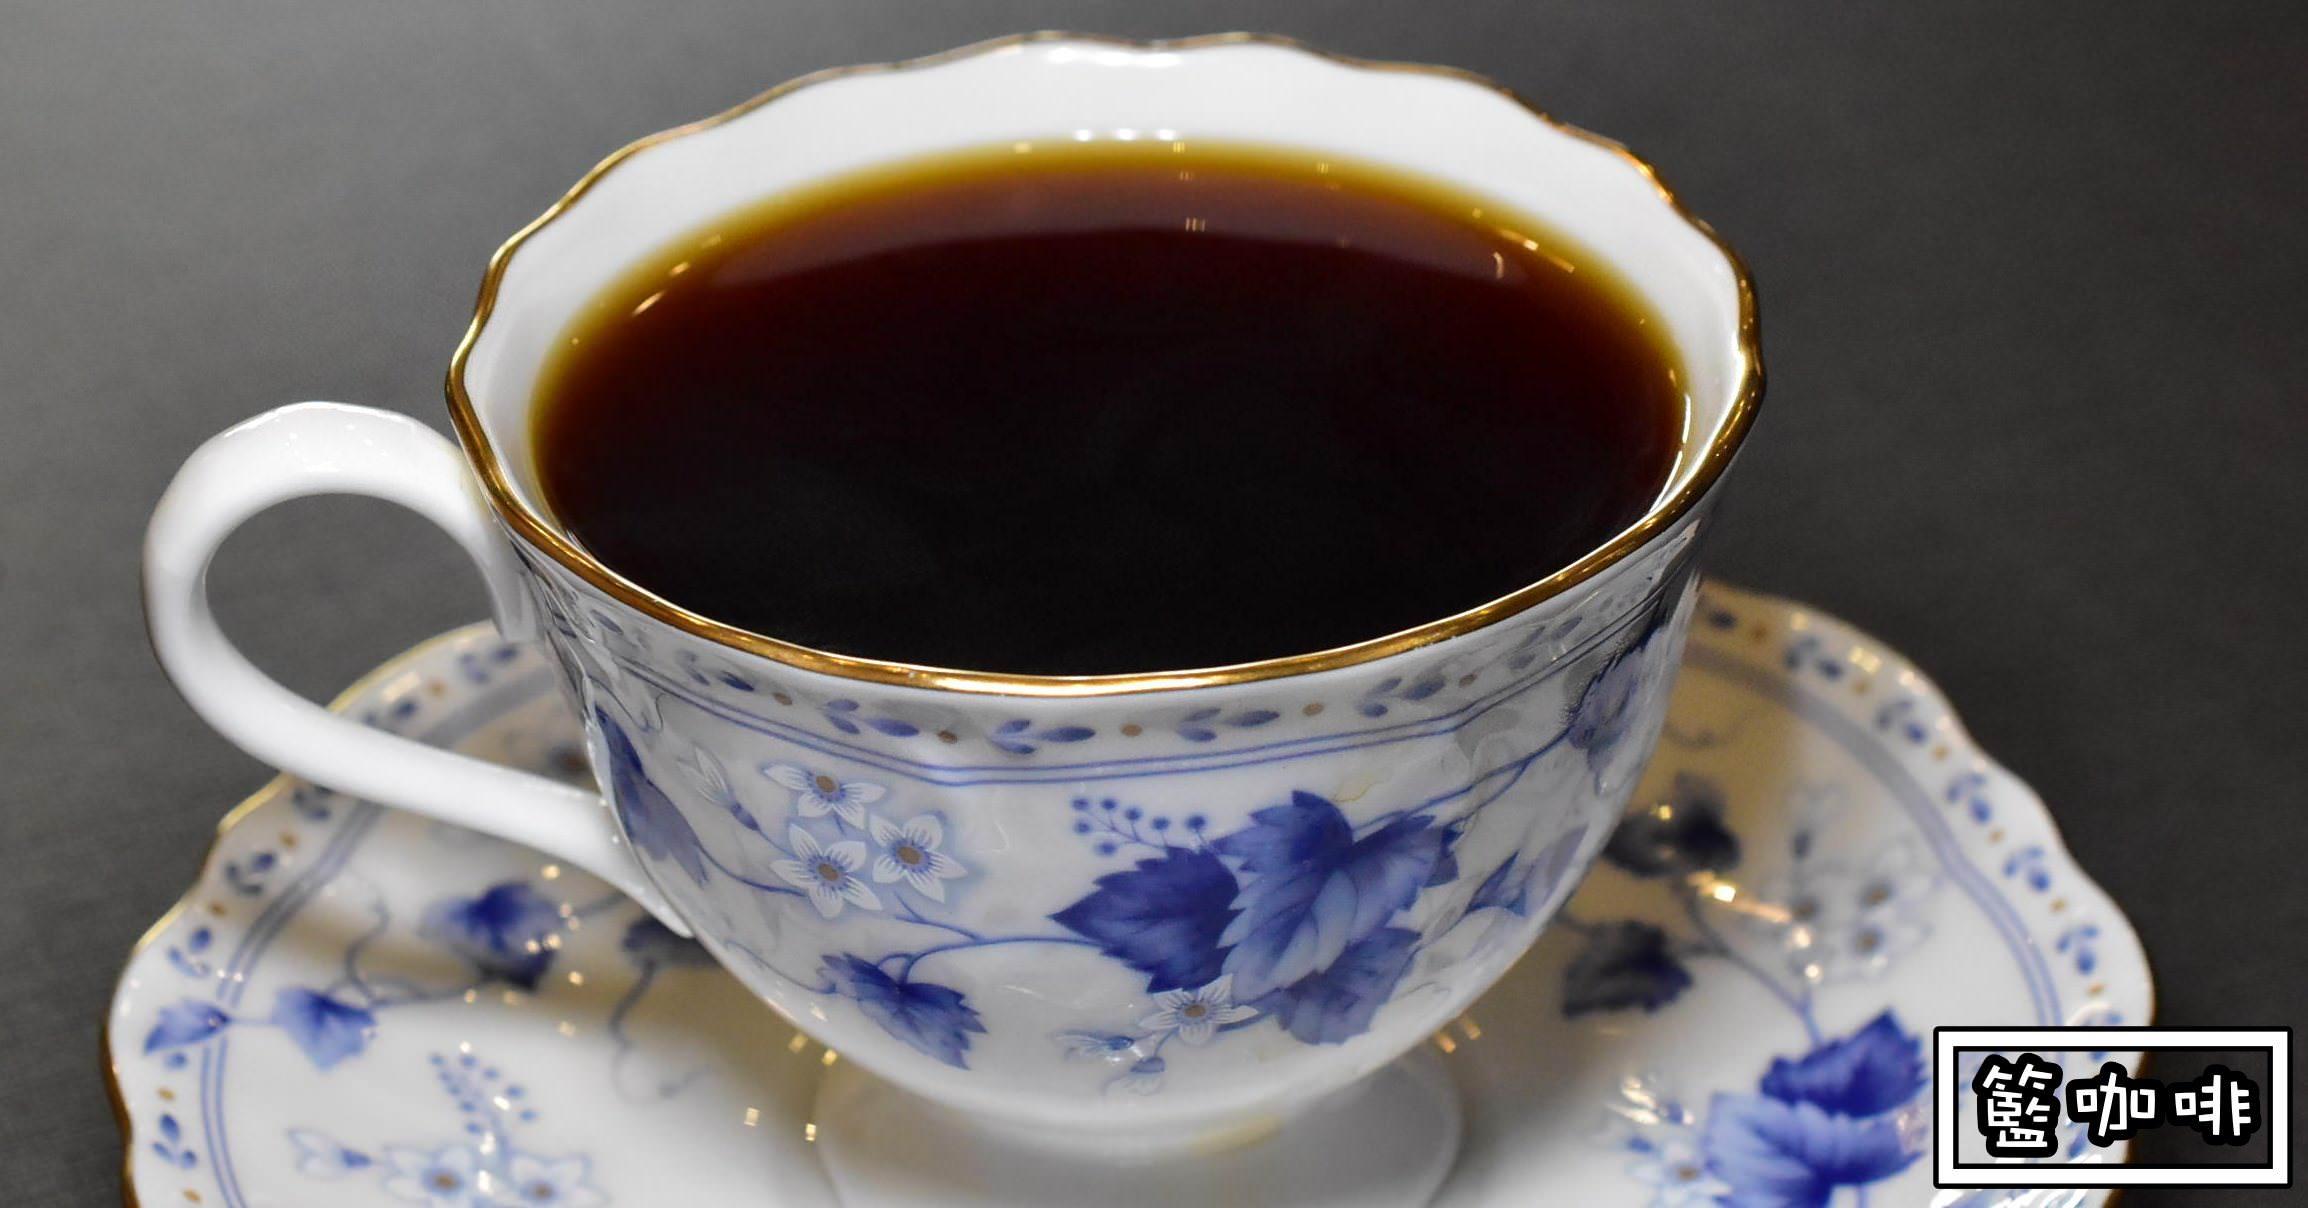 籃咖啡 嘉義咖啡推薦-隱身在嘉義市區的低調咖啡店 (菜單價錢)